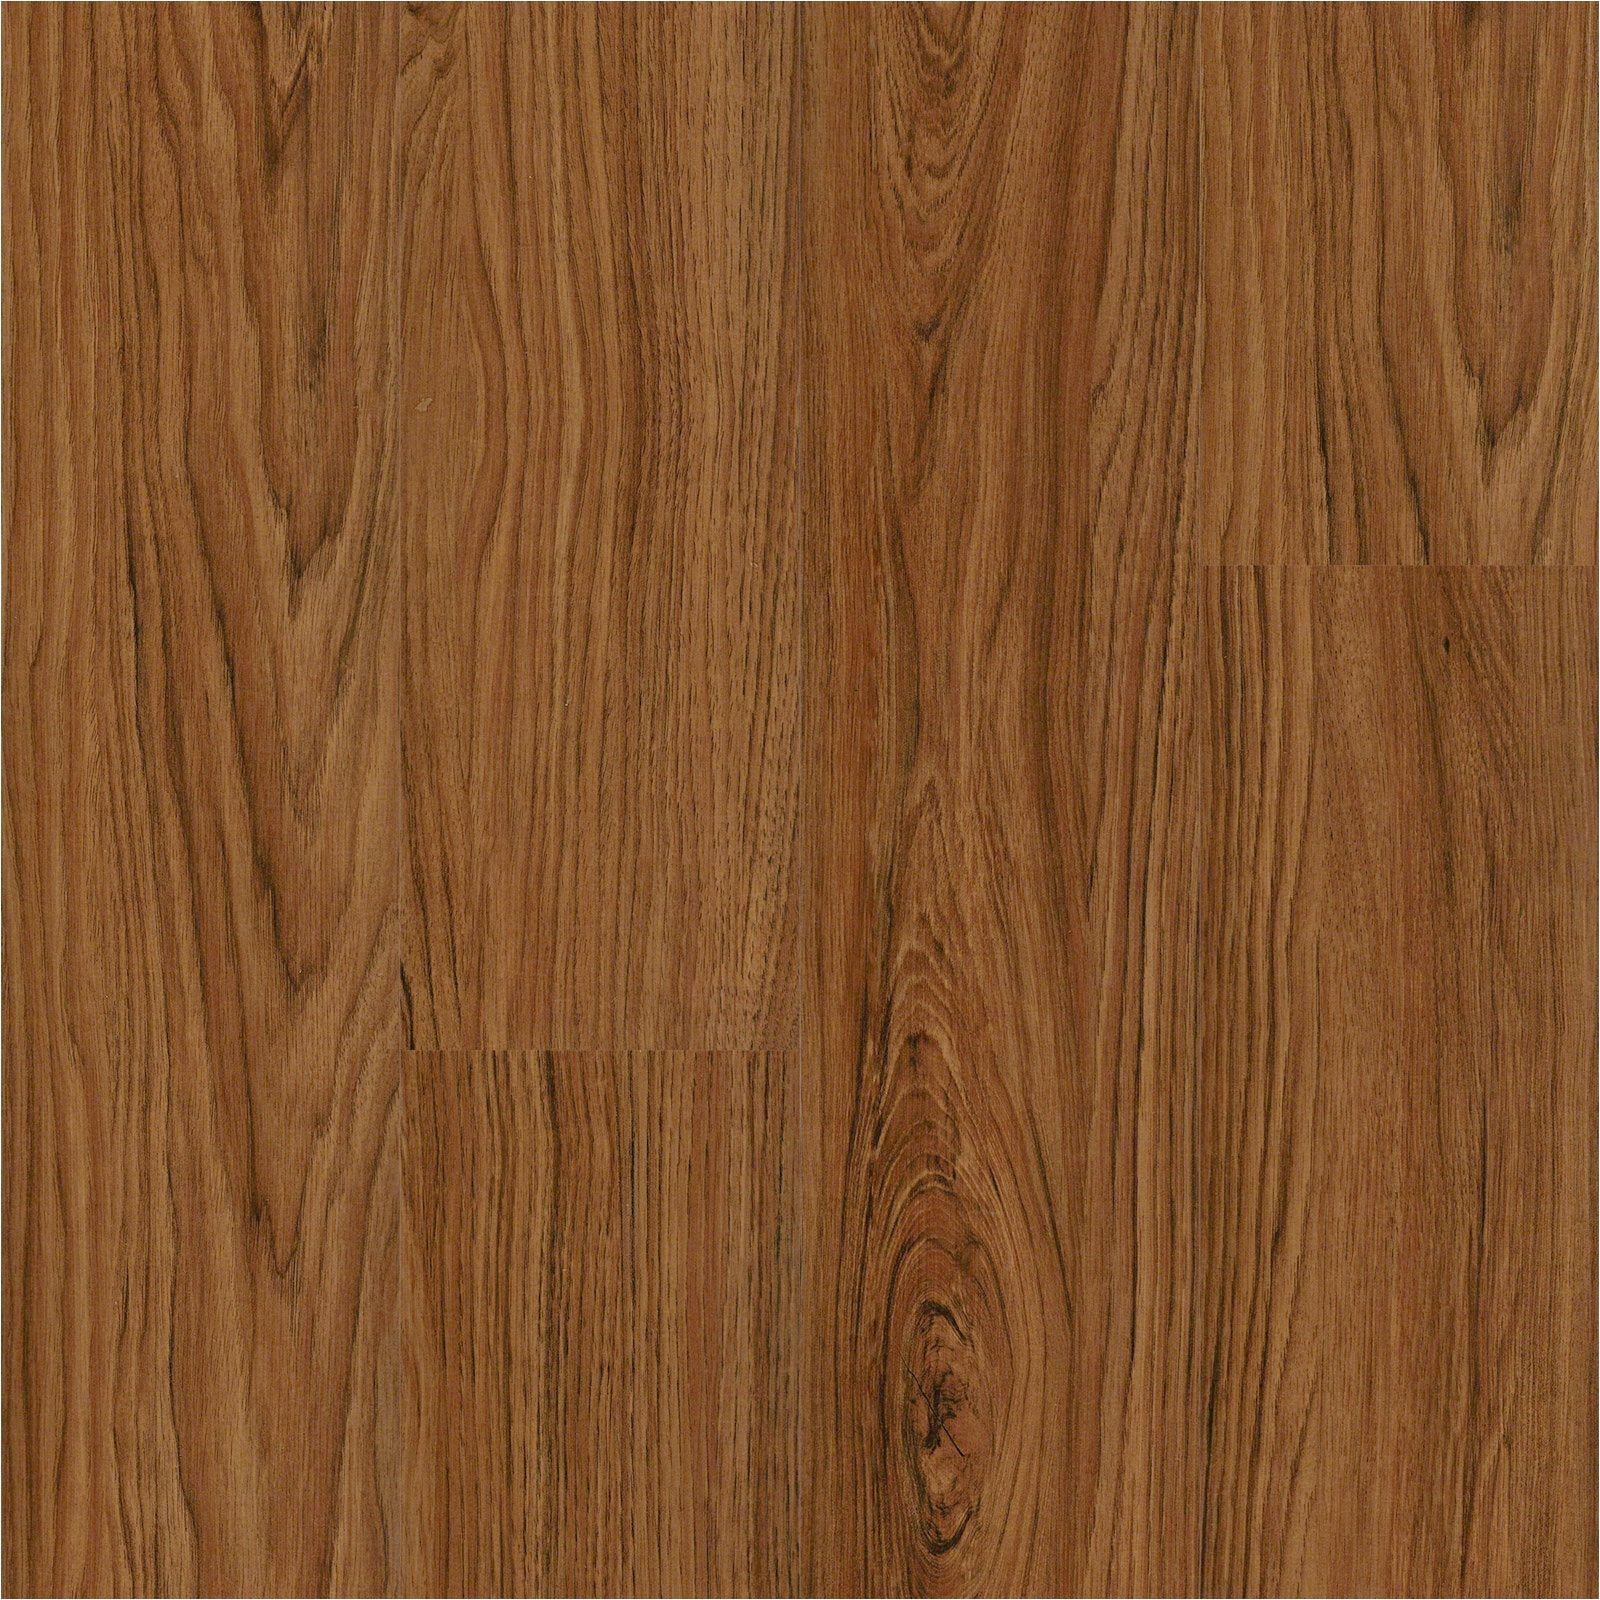 Is Vinyl Wood Flooring Waterproof Shaw Array Statitea Stuart Plank Cognac Oak Luxury Waterproof